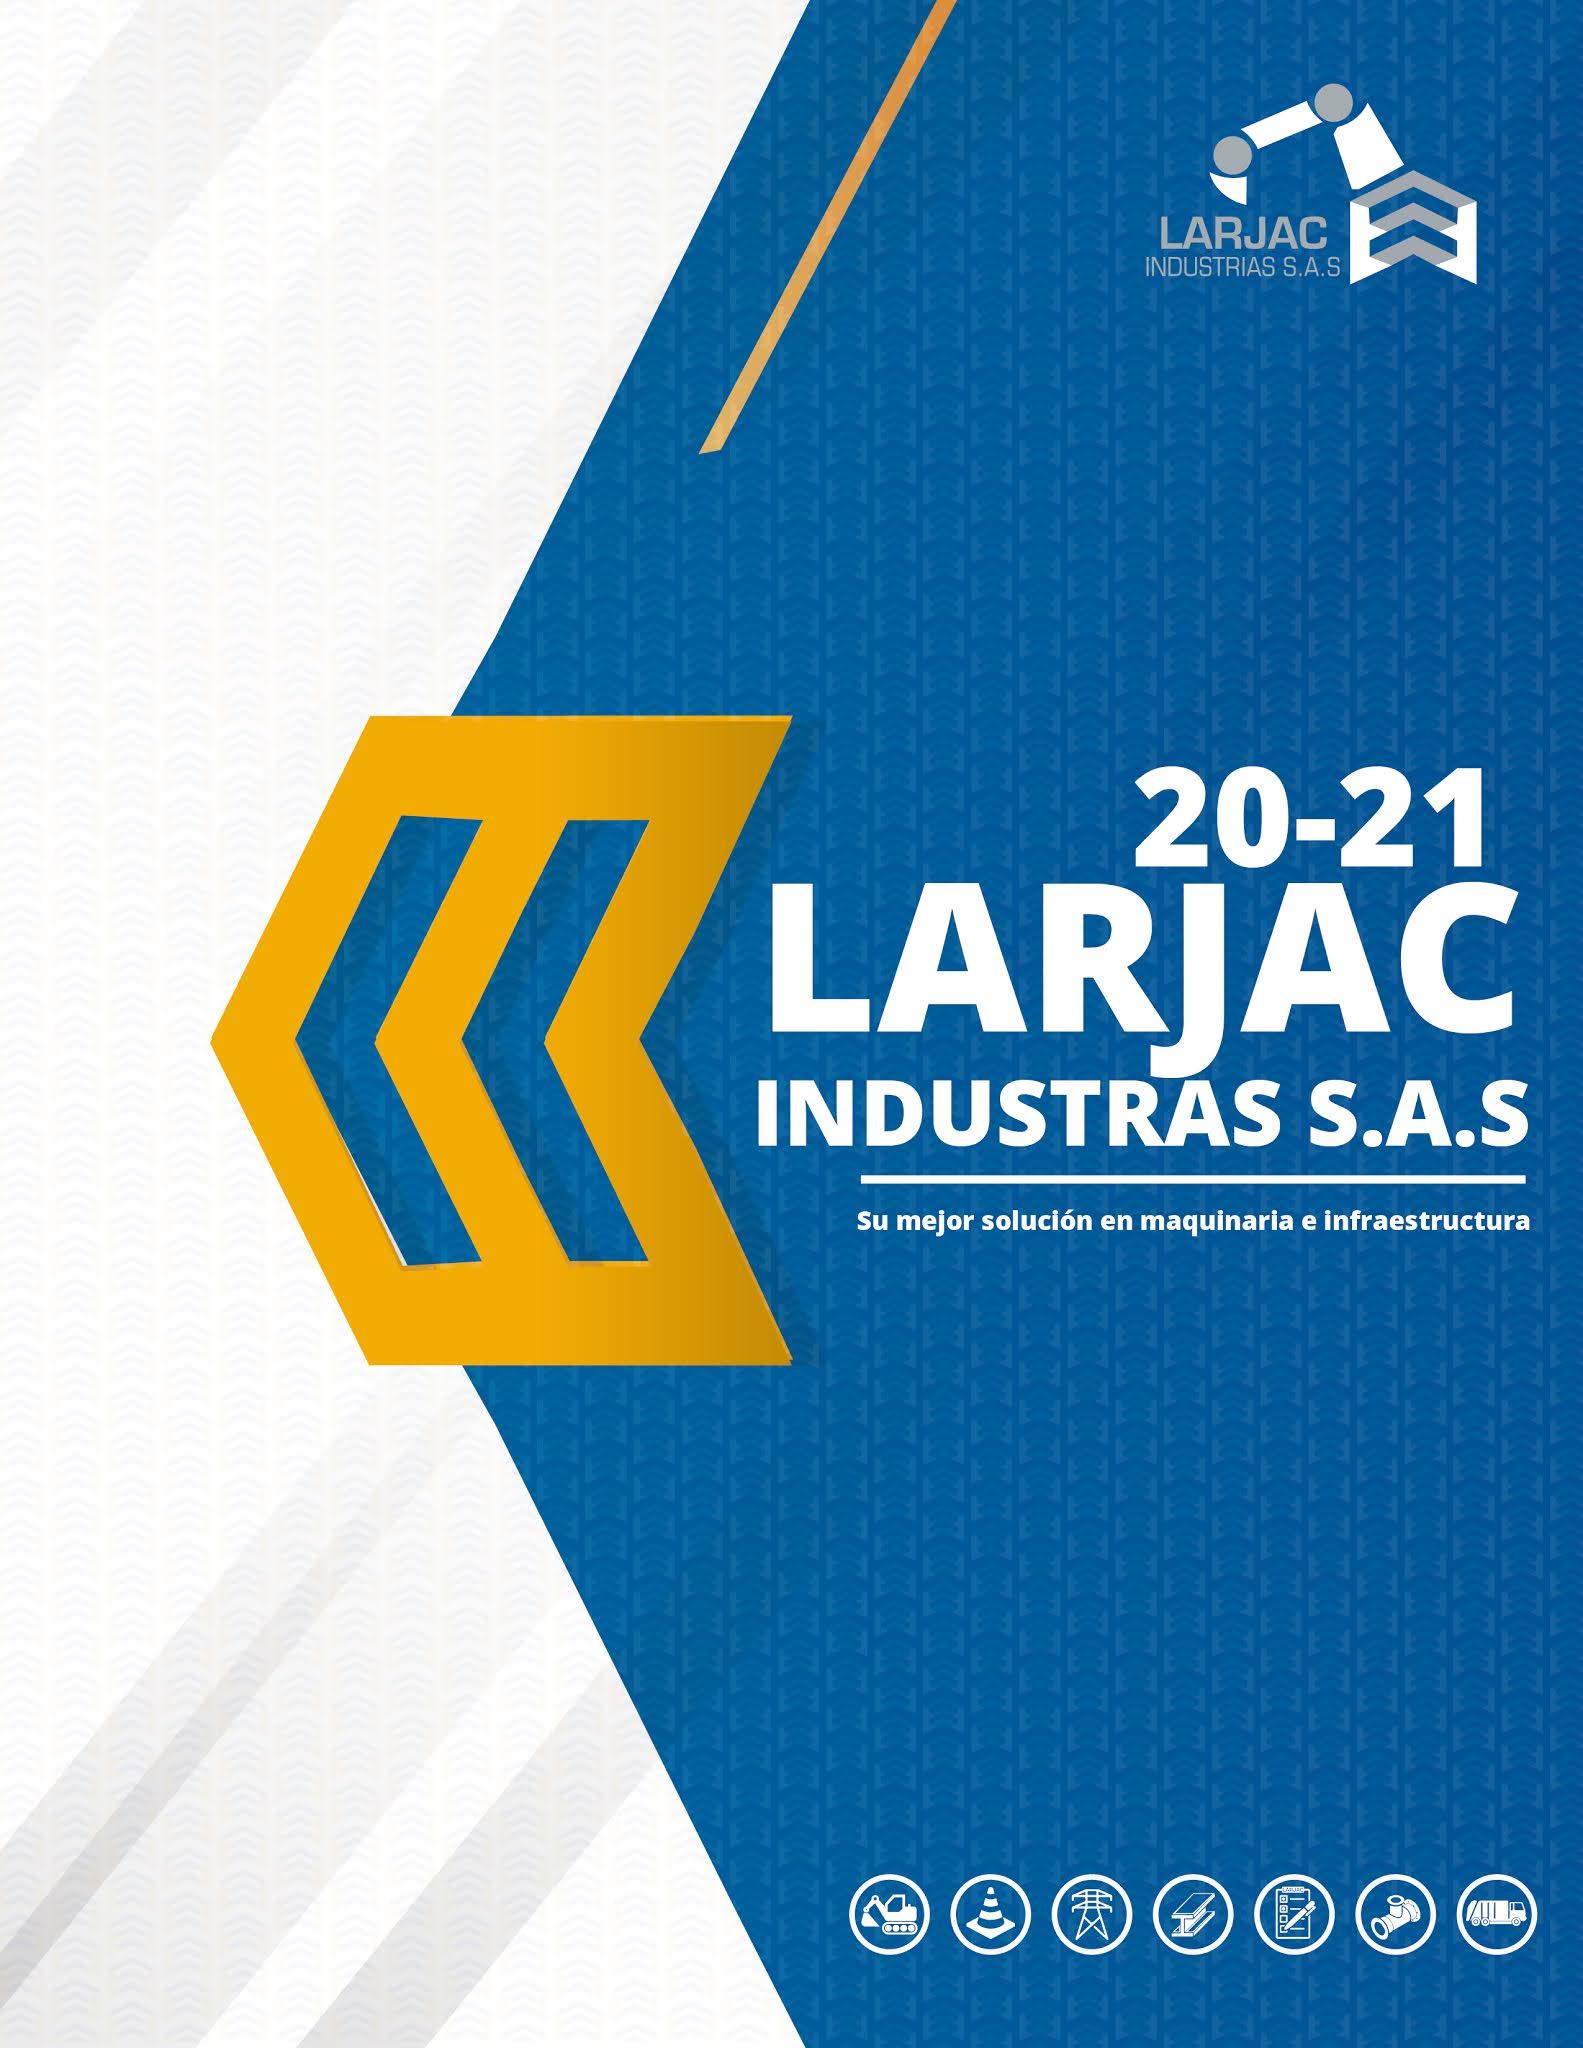 MAQUETADO DE BROUCHURE: LARJAC INDUSTRIAS S.A.S